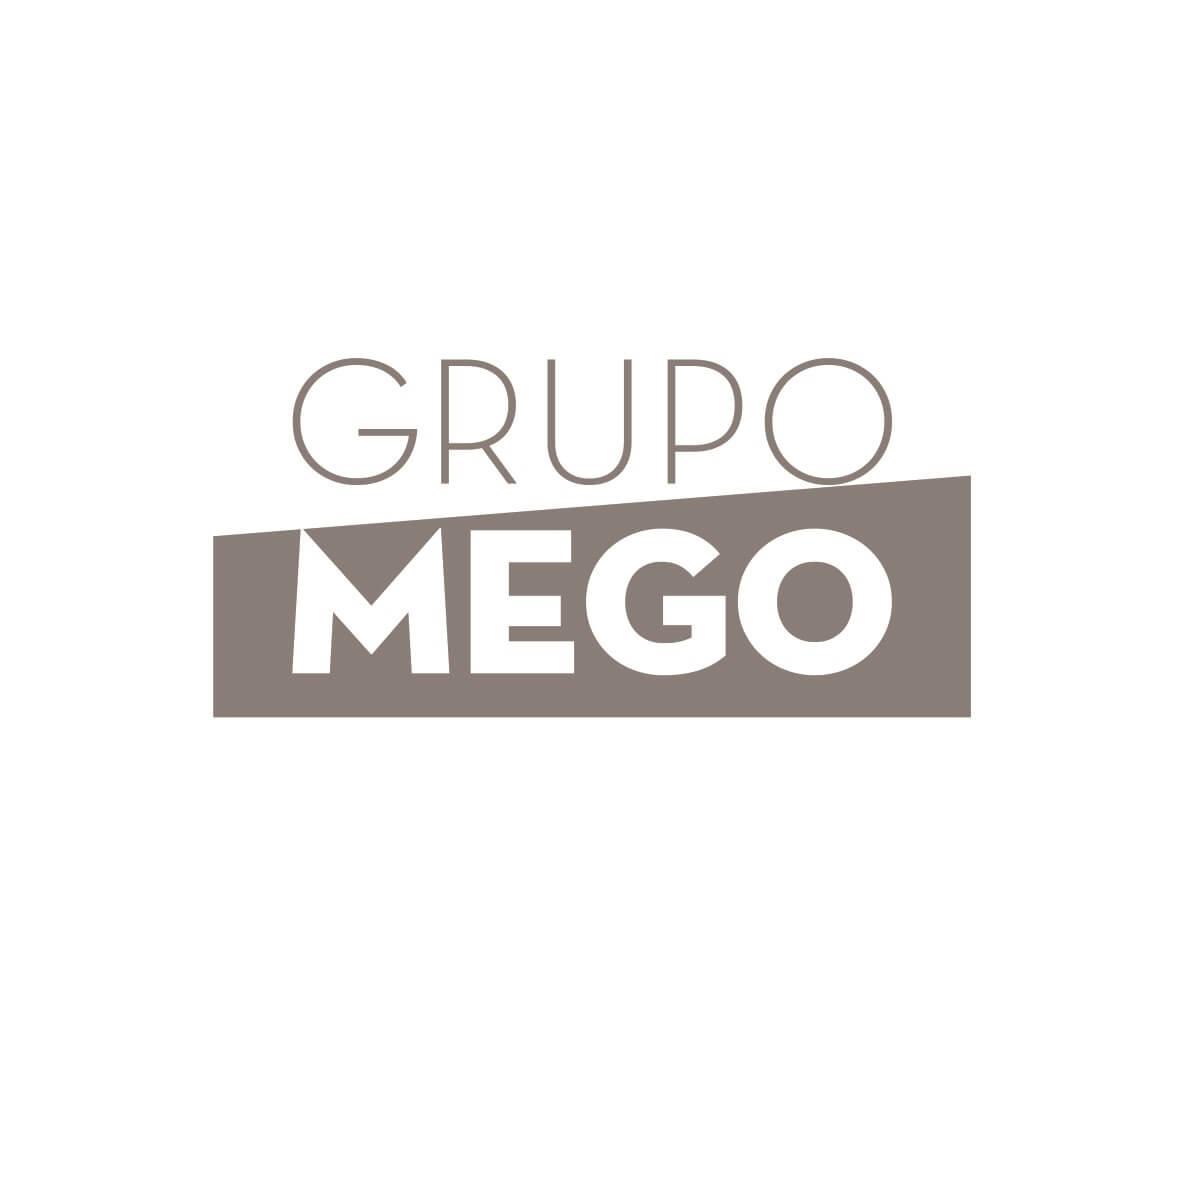 Grupo Mego